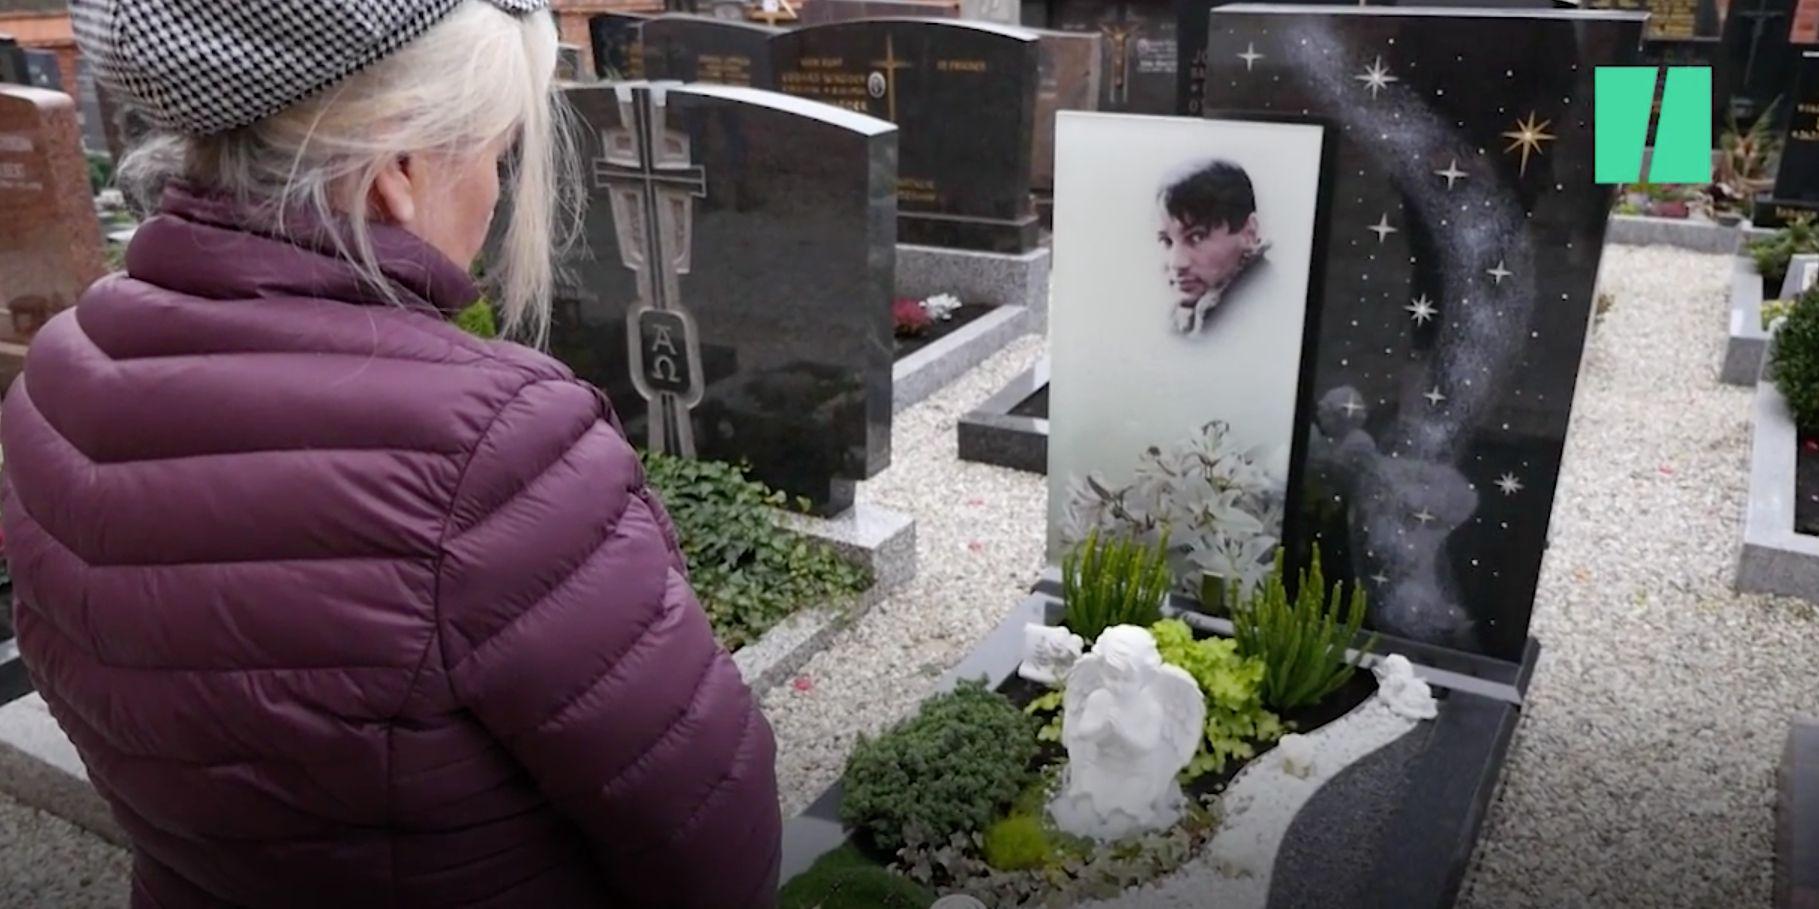 Trauernde Mutter aus Bayern klagt an: Der Staat schützt kriminelle Polizisten